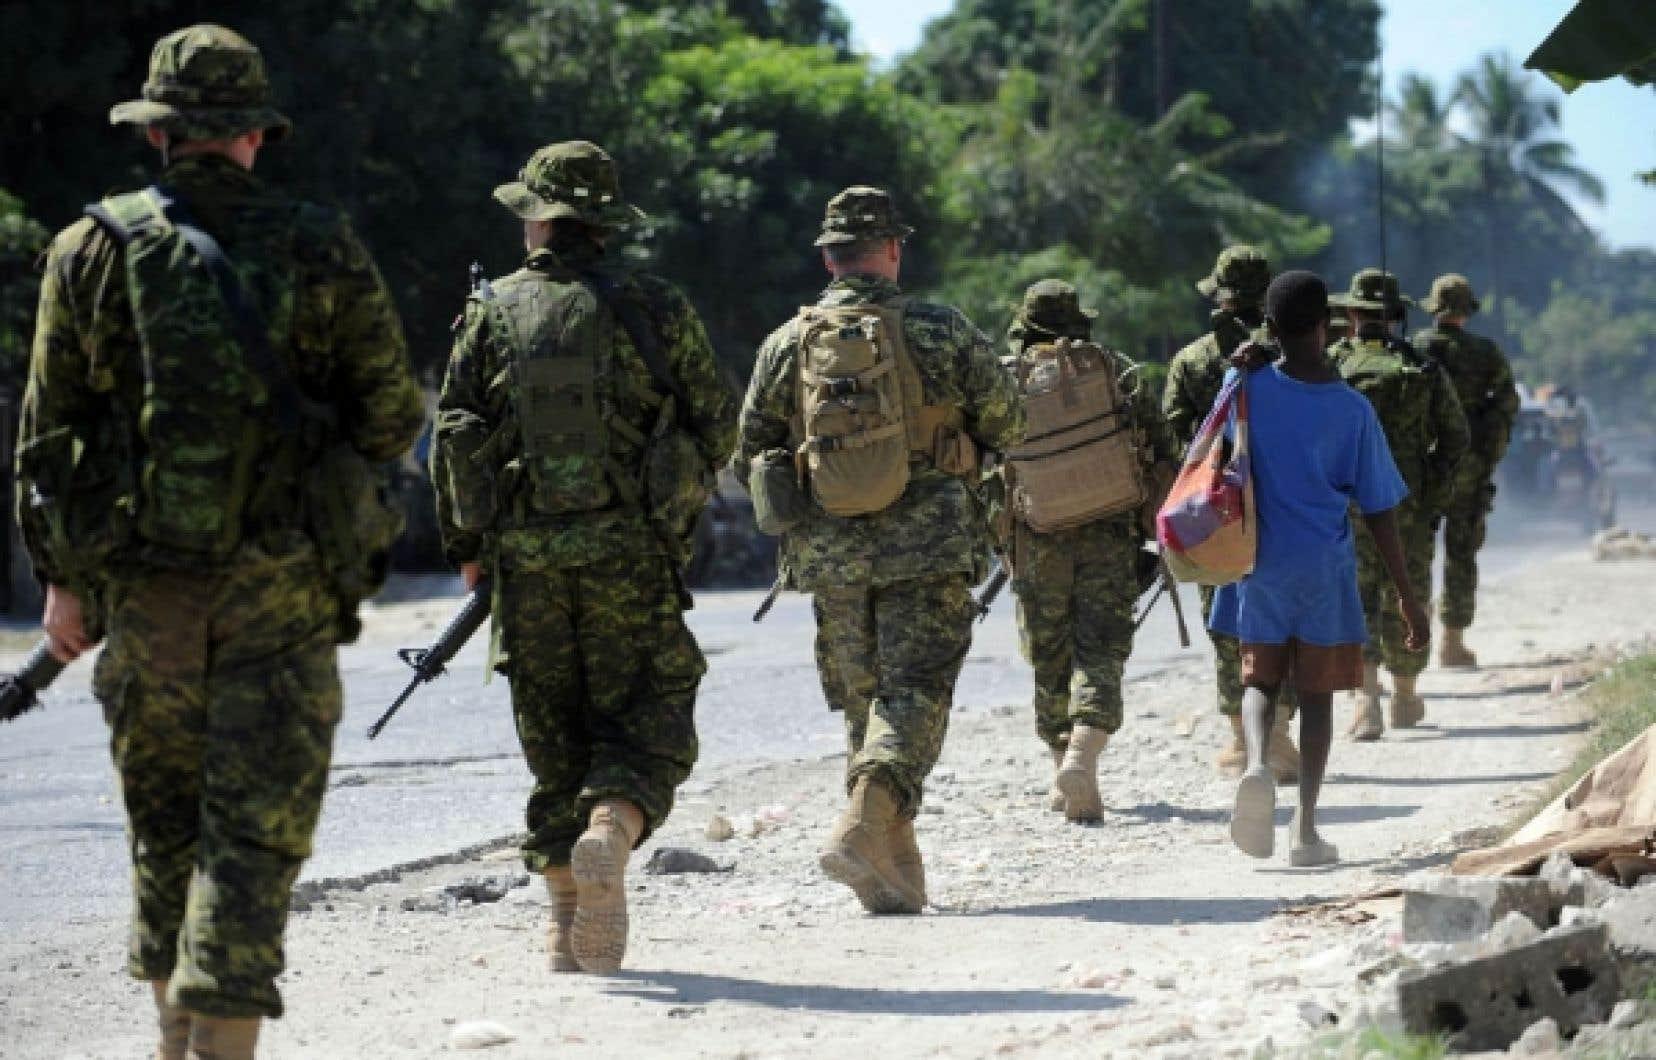 Des militaires canadiens patrouillent dans une rue de Léogâne. Les Canadiens sont fiers de voir leurs soldats partir pour Haïti où ils aideront un peuple de sinistrés à se relever. Mais ce déploiement s'ajoute à d'autres missions qui risquent de compromettre la qualité d'une éventuelle intervention au pays, en cas de catastrophe.